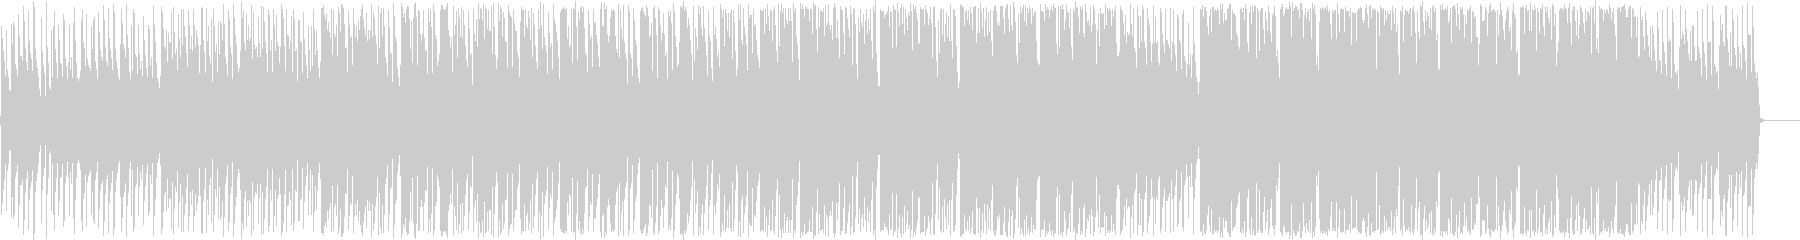 キュートなハミングと幻想的な淡いボサノバの未再生の波形